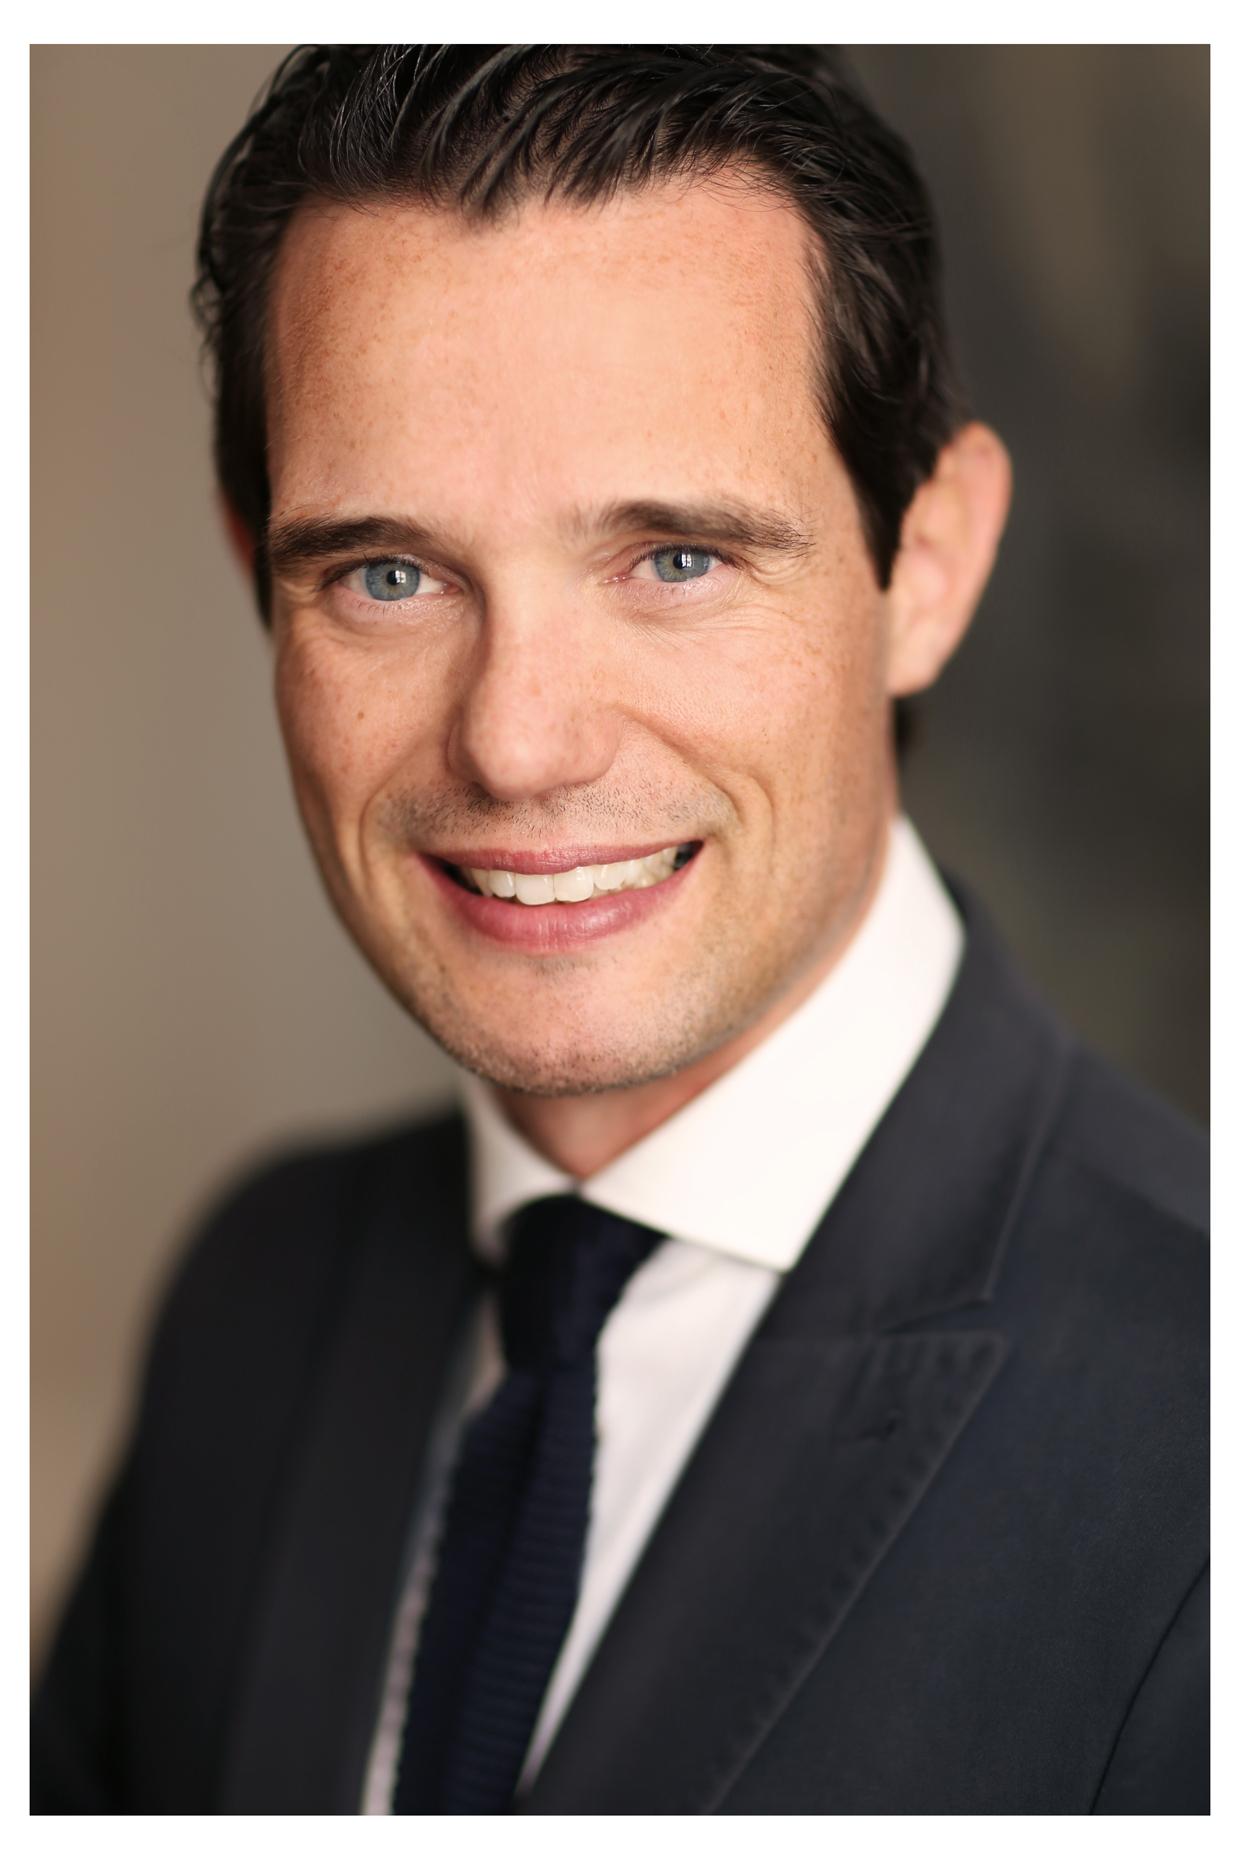 Philipp Daun